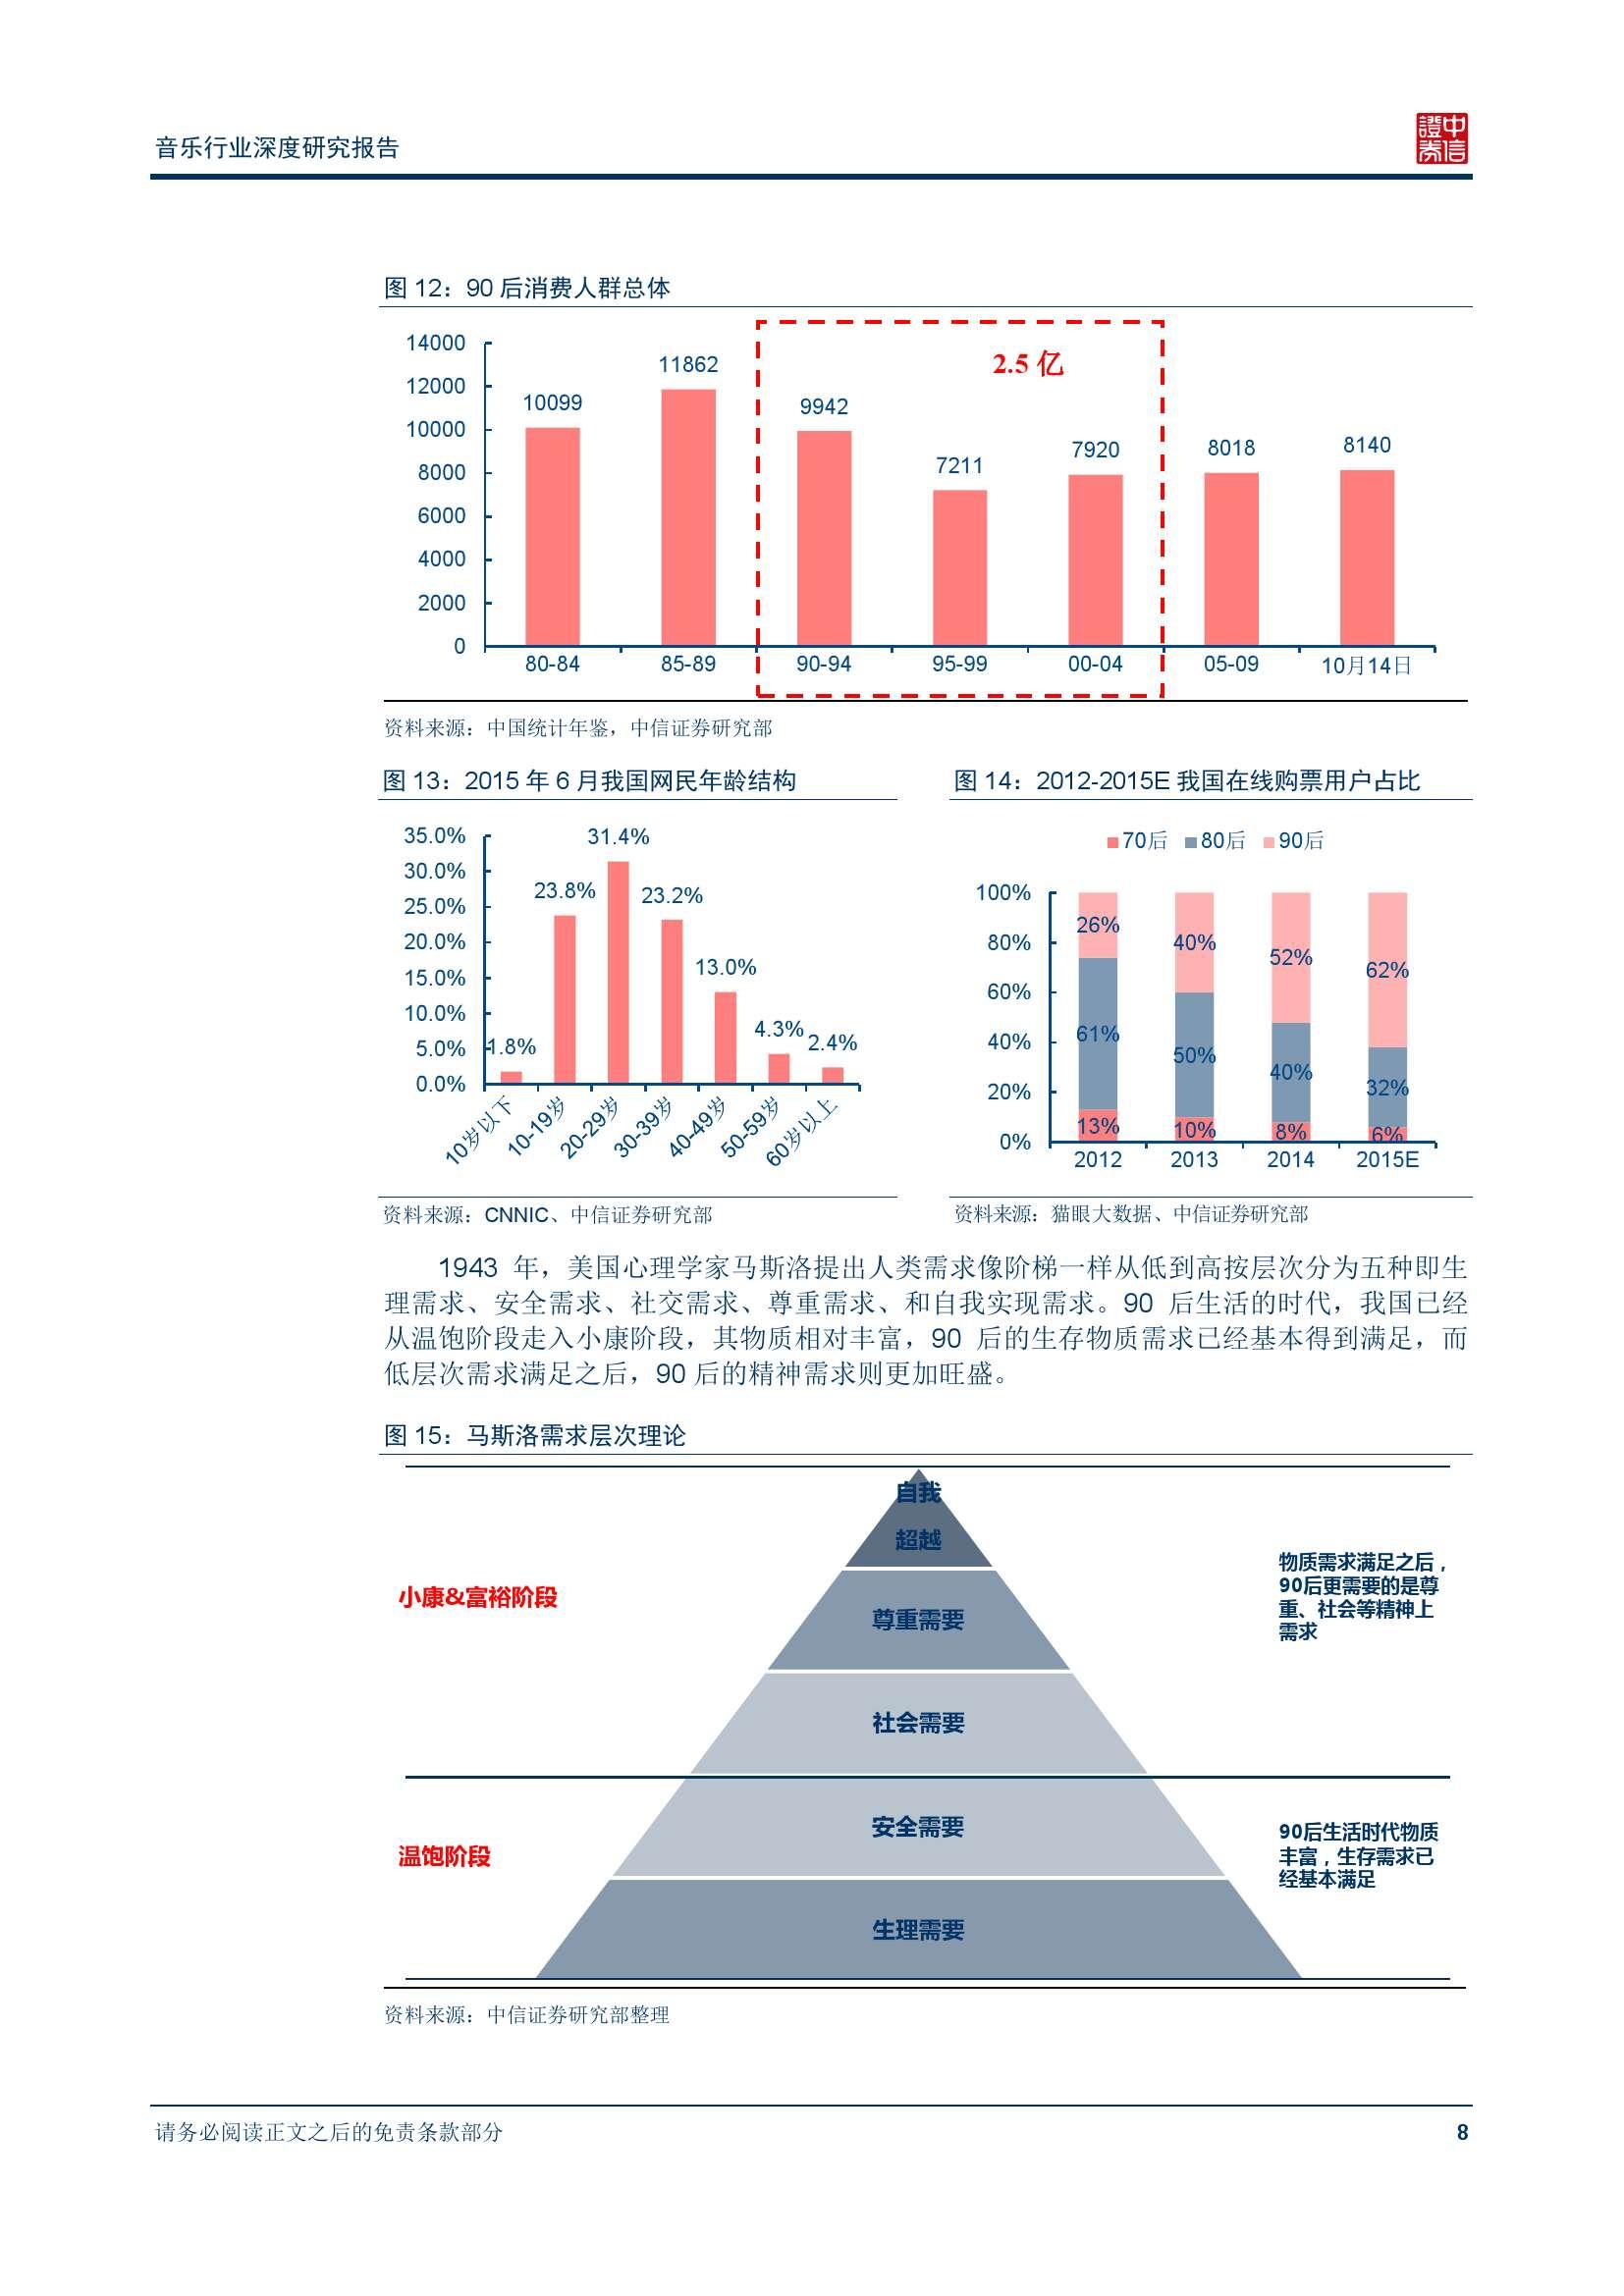 中信证券音乐行业深度研究报告_000013